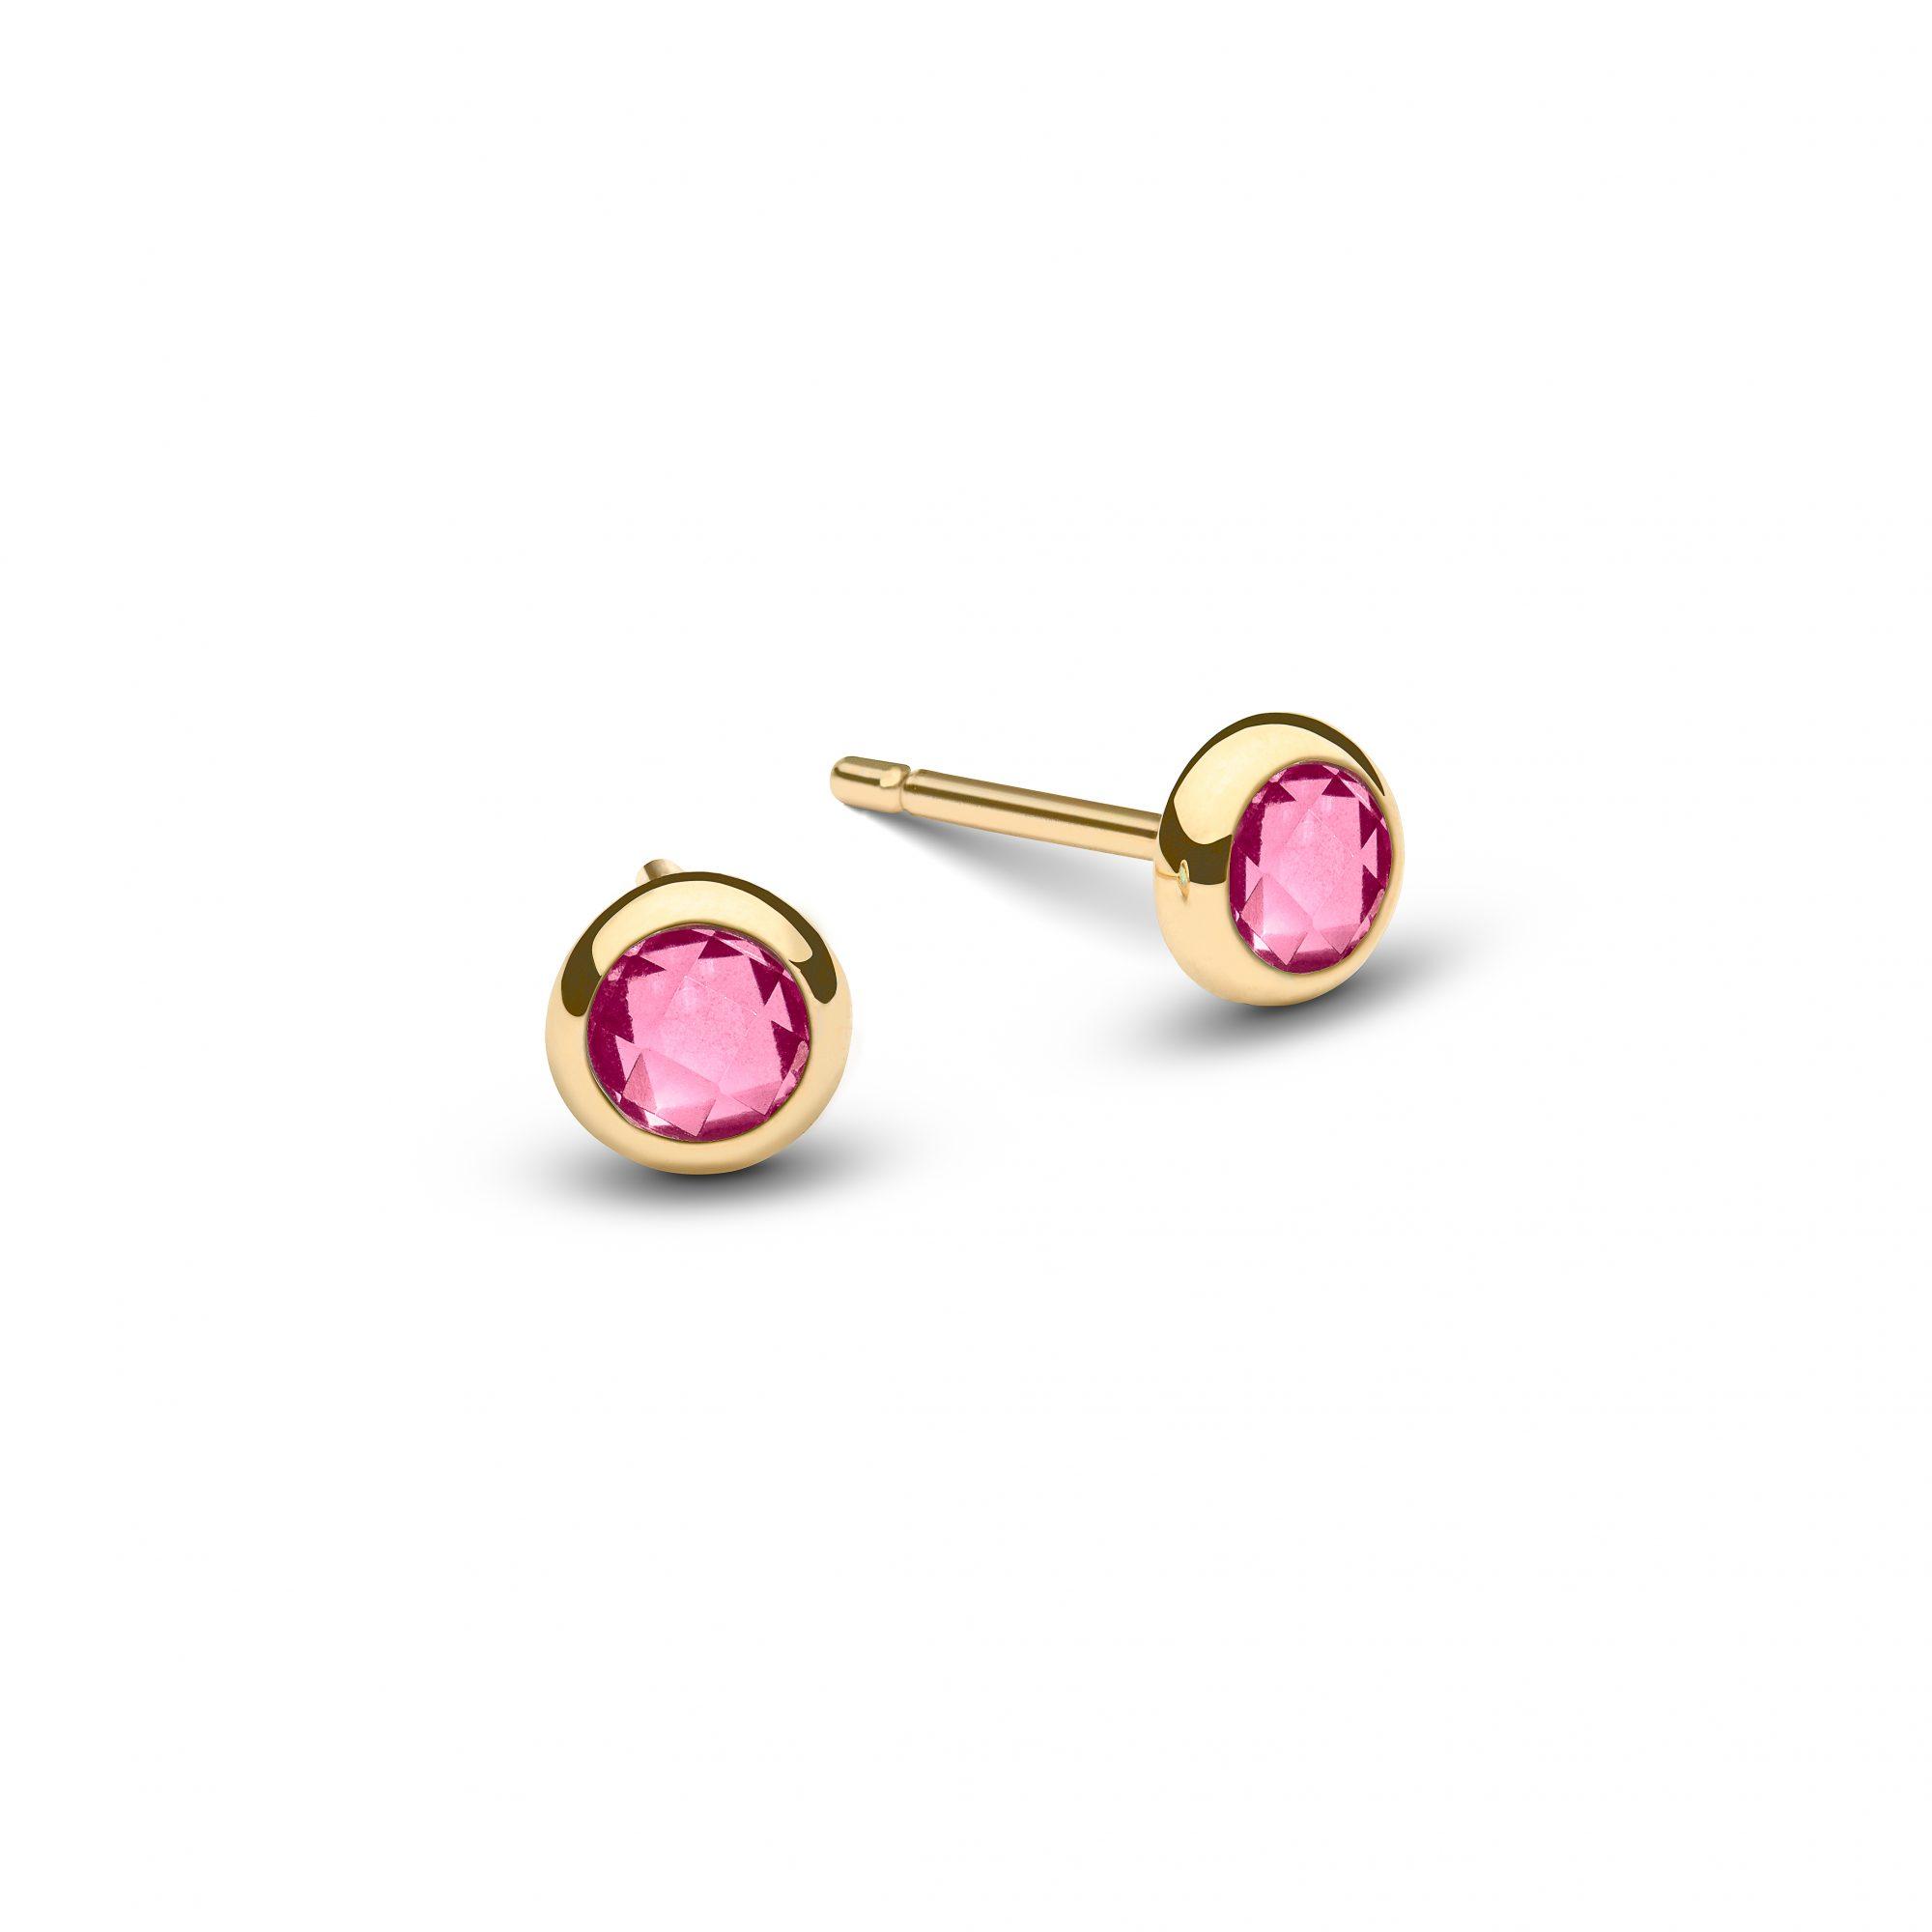 gold earrings, cancer awareness earrings